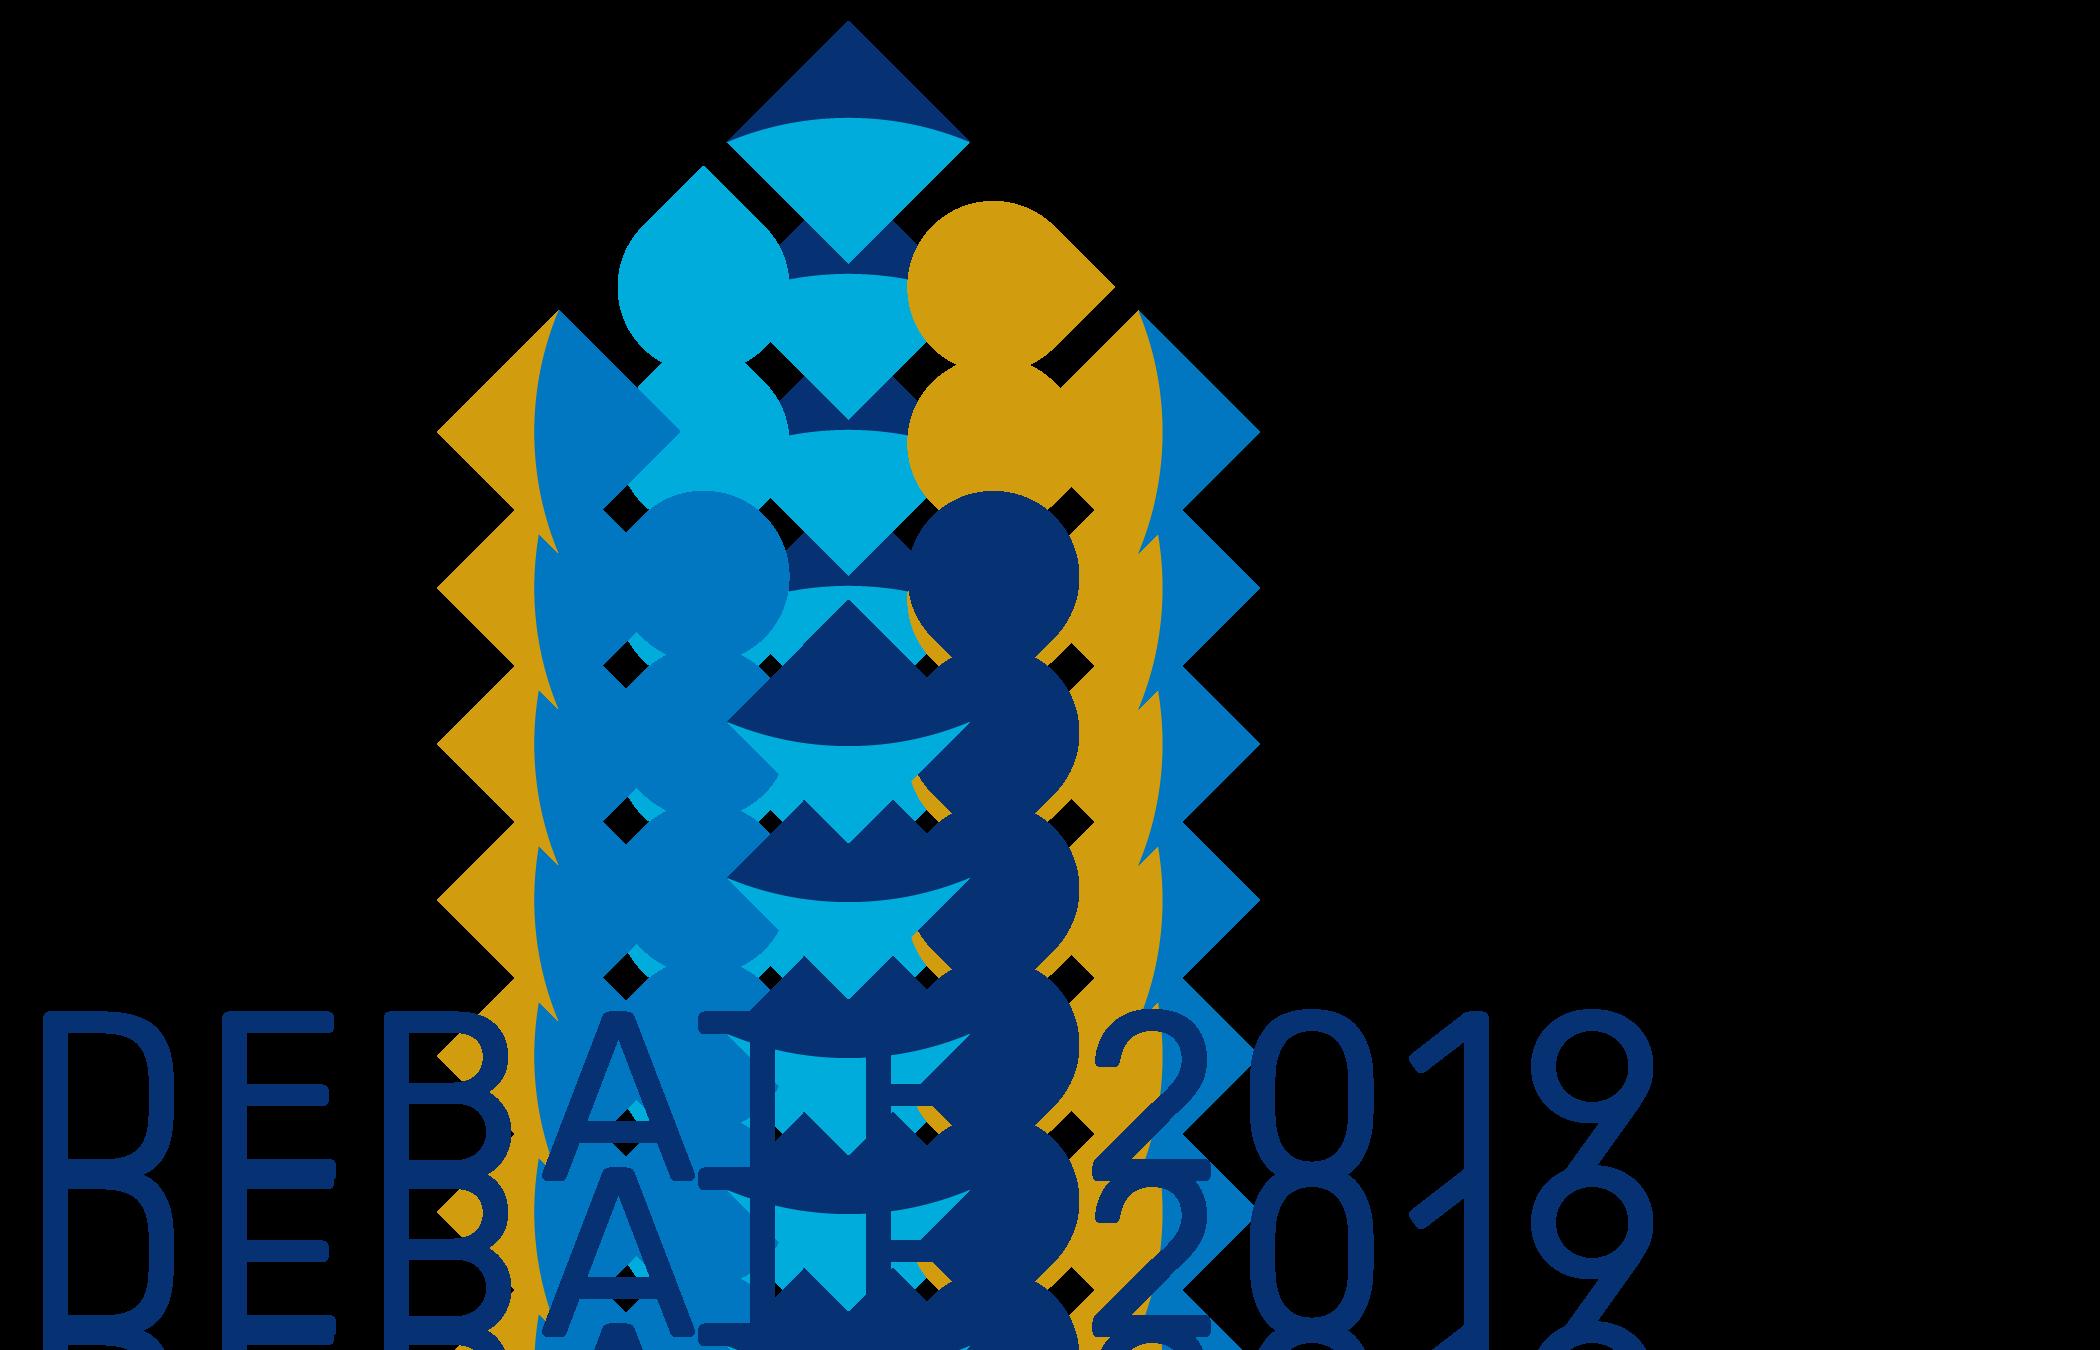 Logo DEBATE 2019